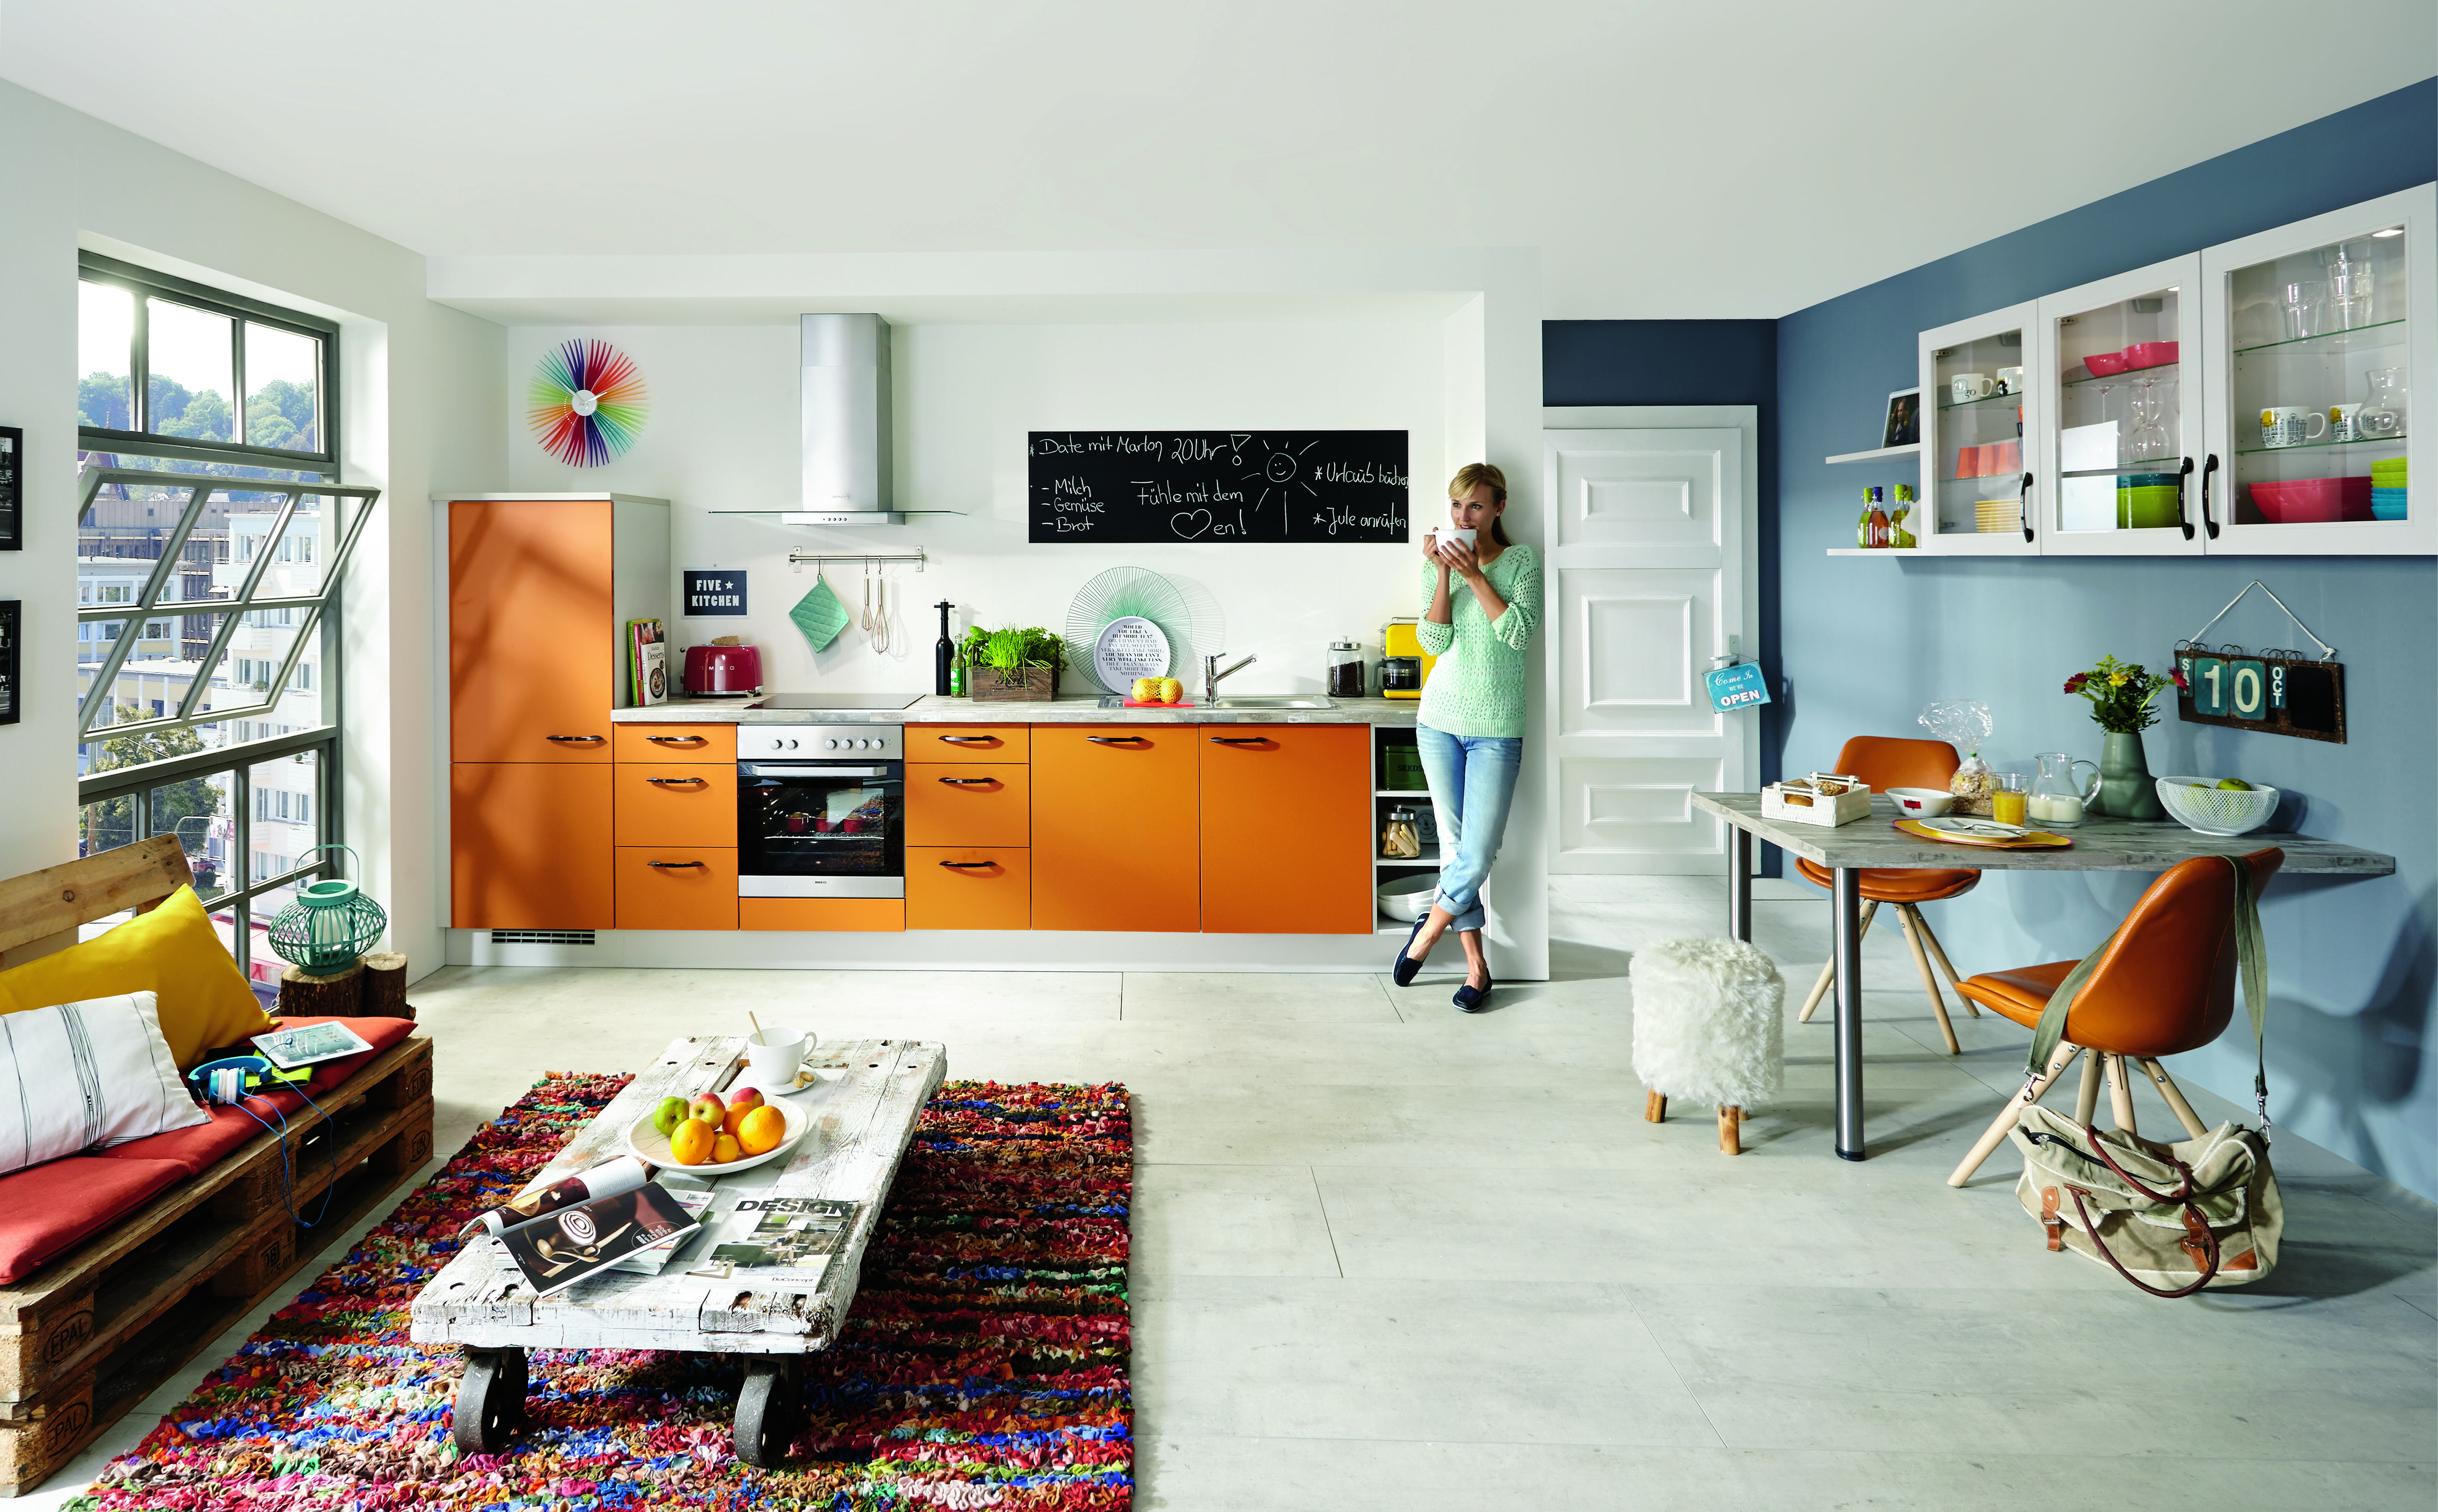 Kreative ideen für küchennotizen: memowände für die küche küche&co